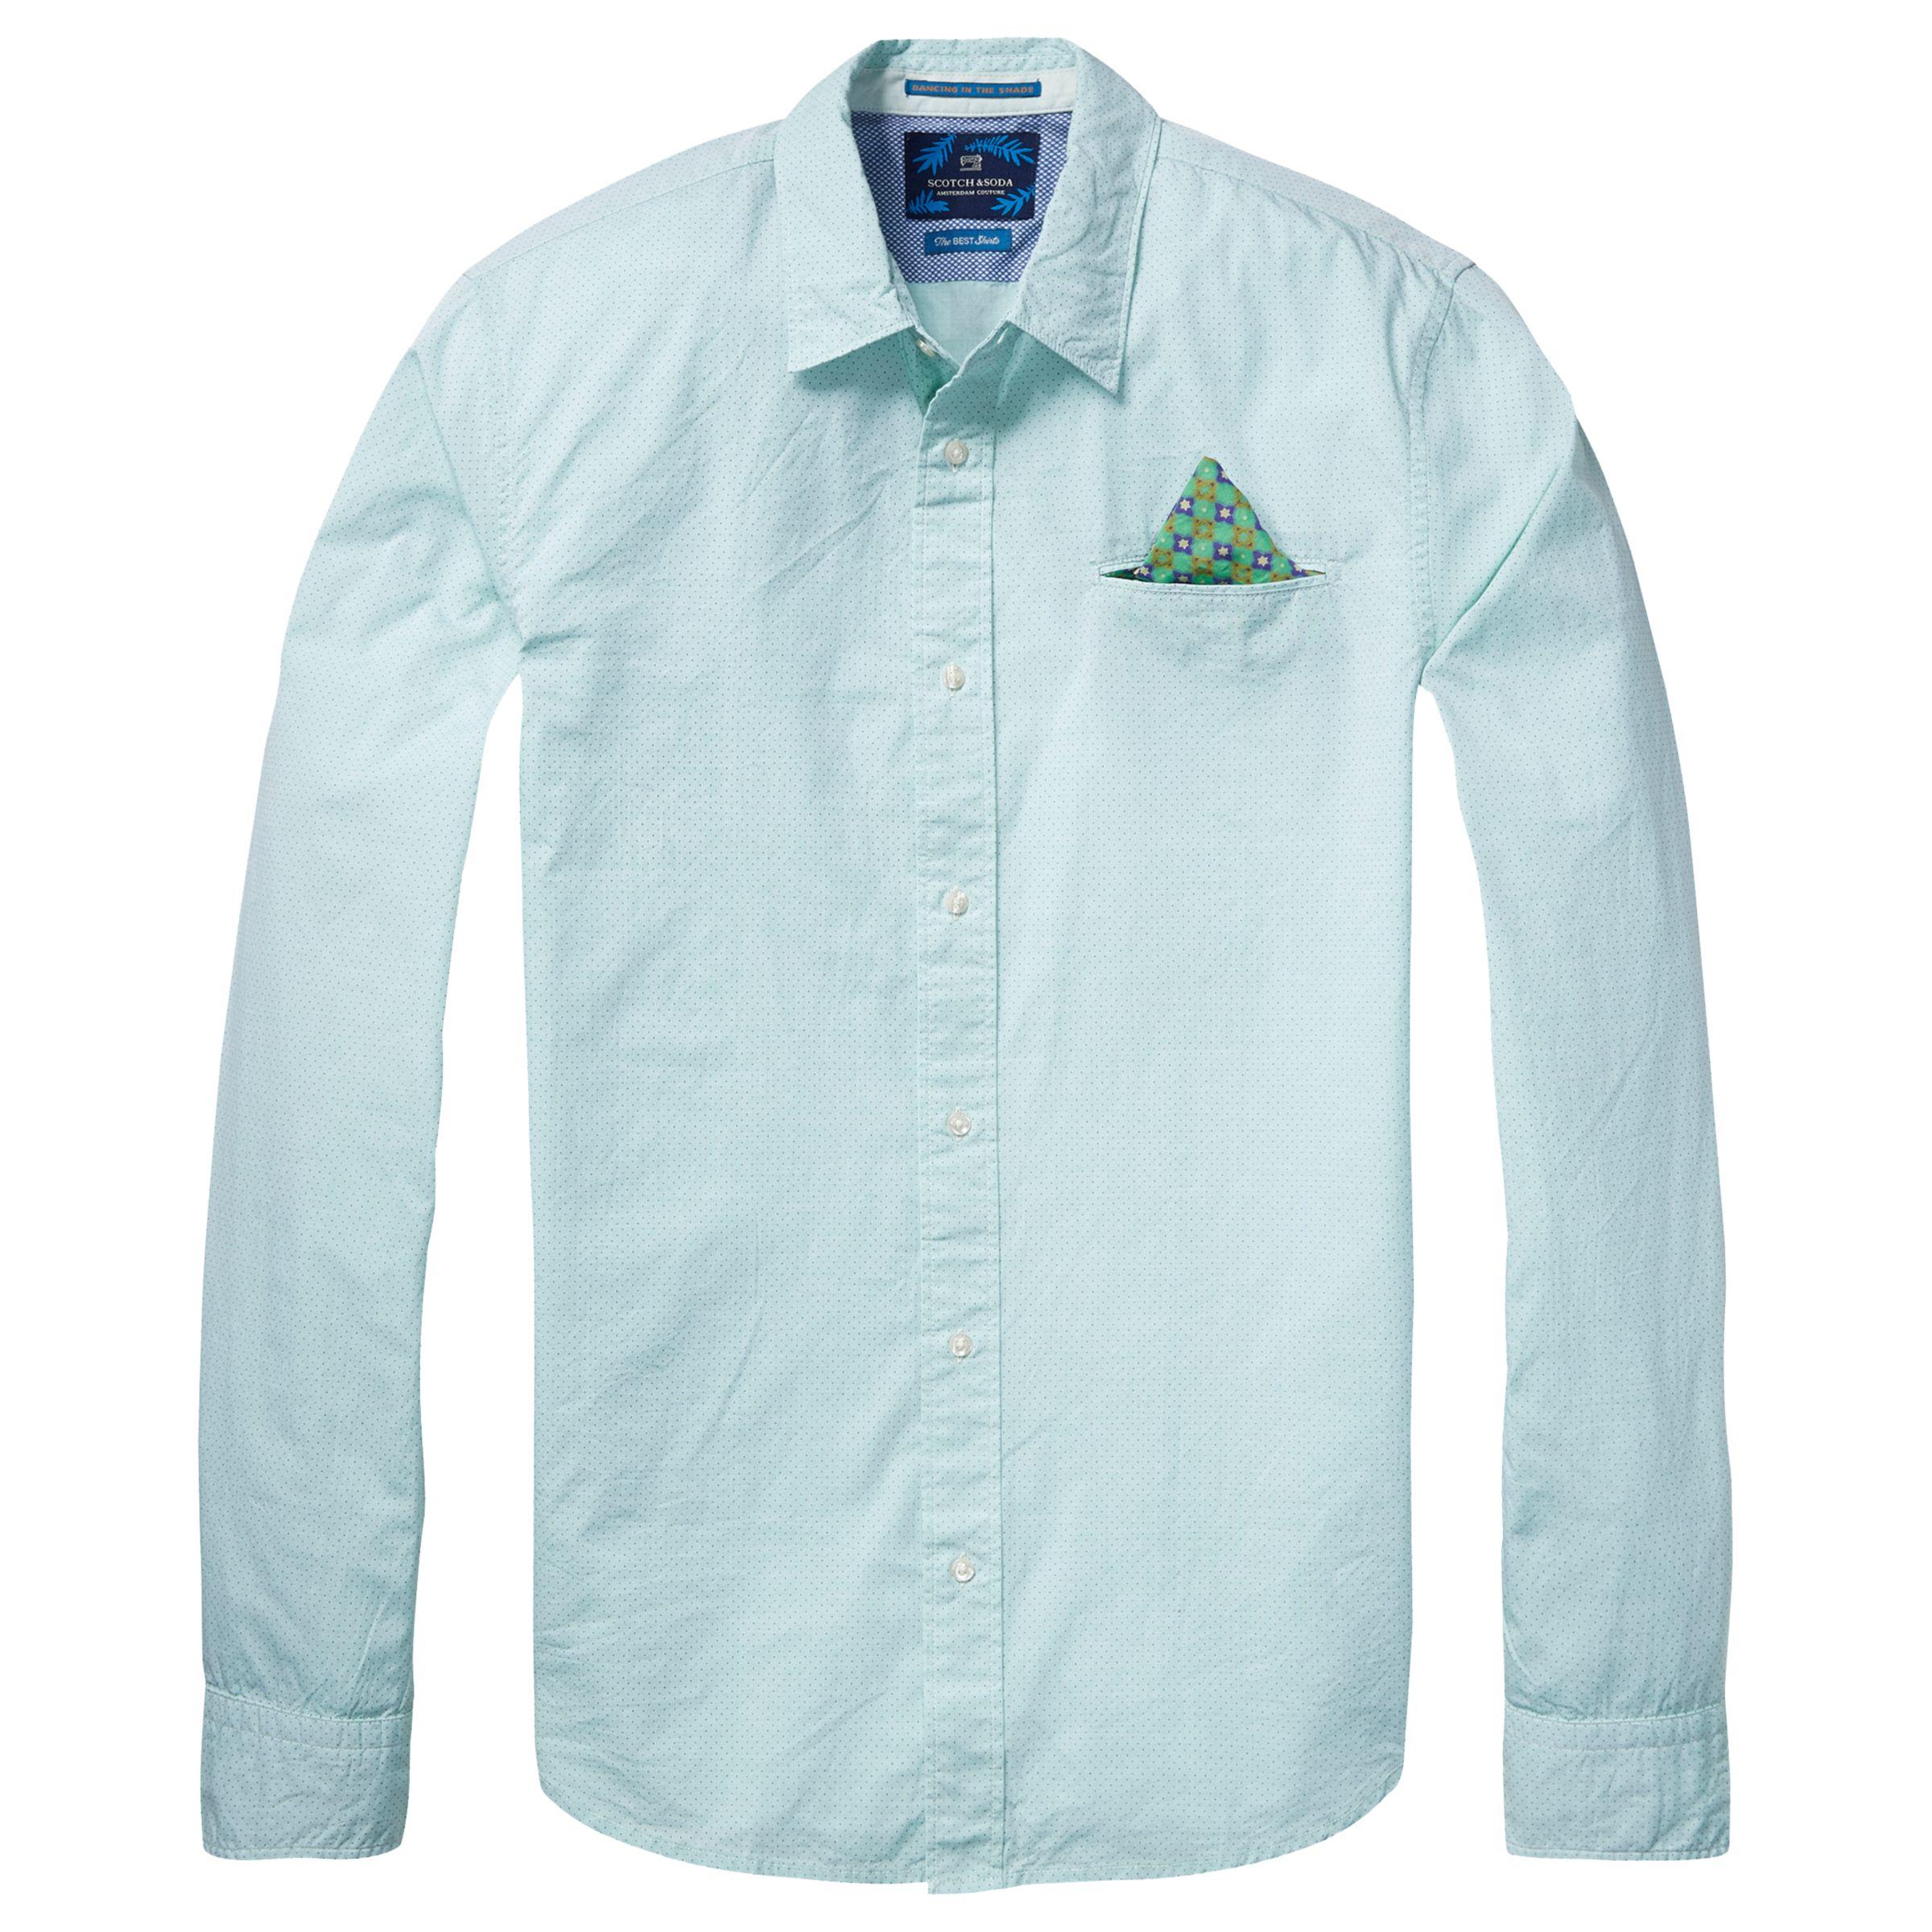 Scotch & Soda Scotch & Soda Long Sleeve Fixed Pochet Shirt, Green